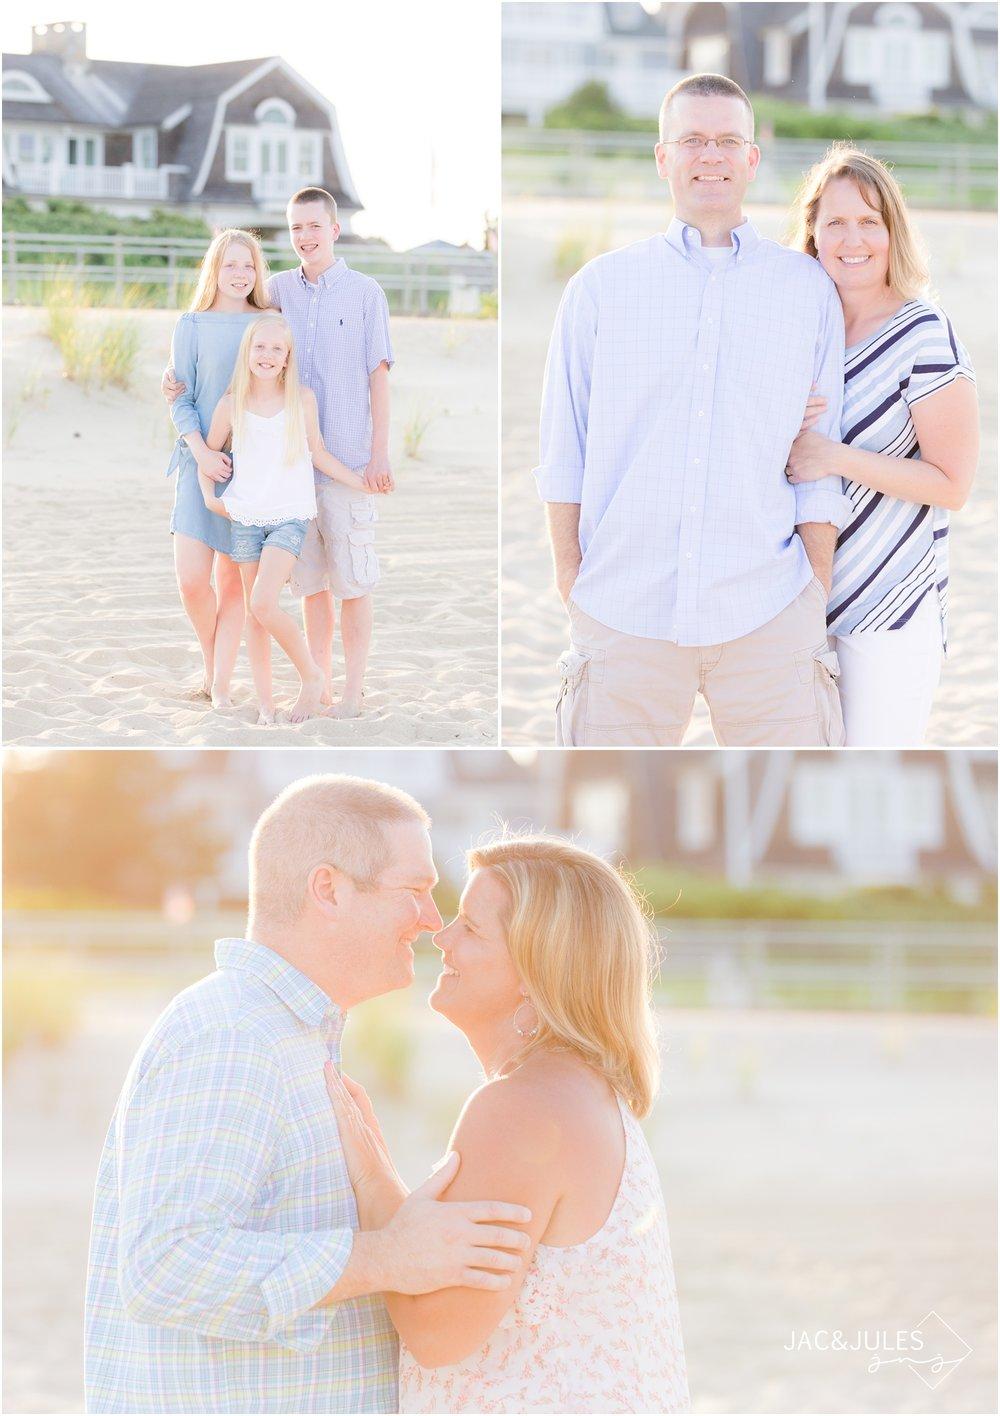 Pretty family photos on the beach in Sea Girt, NJ